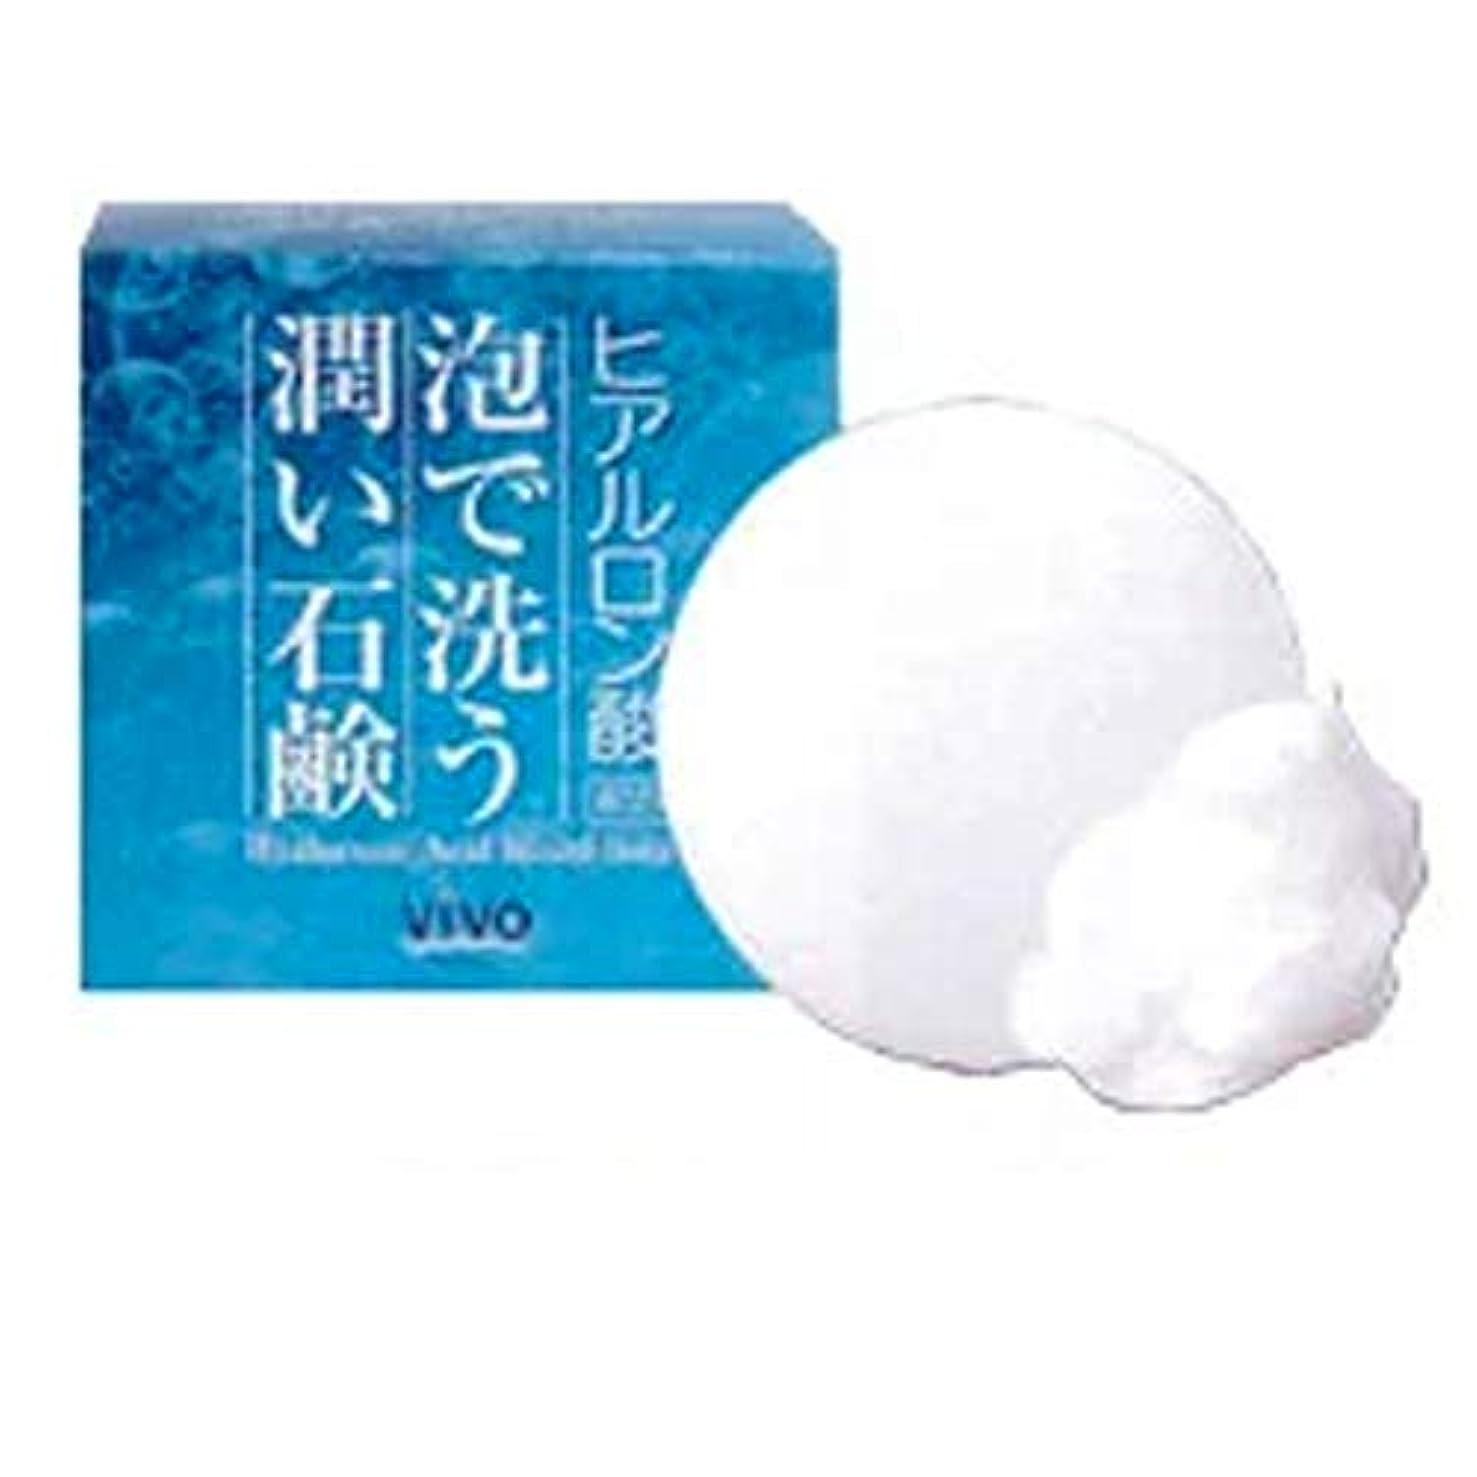 仕出しますレンダーボウルBella Vivo ヒアルロン酸洗顔石鹸 3個セット